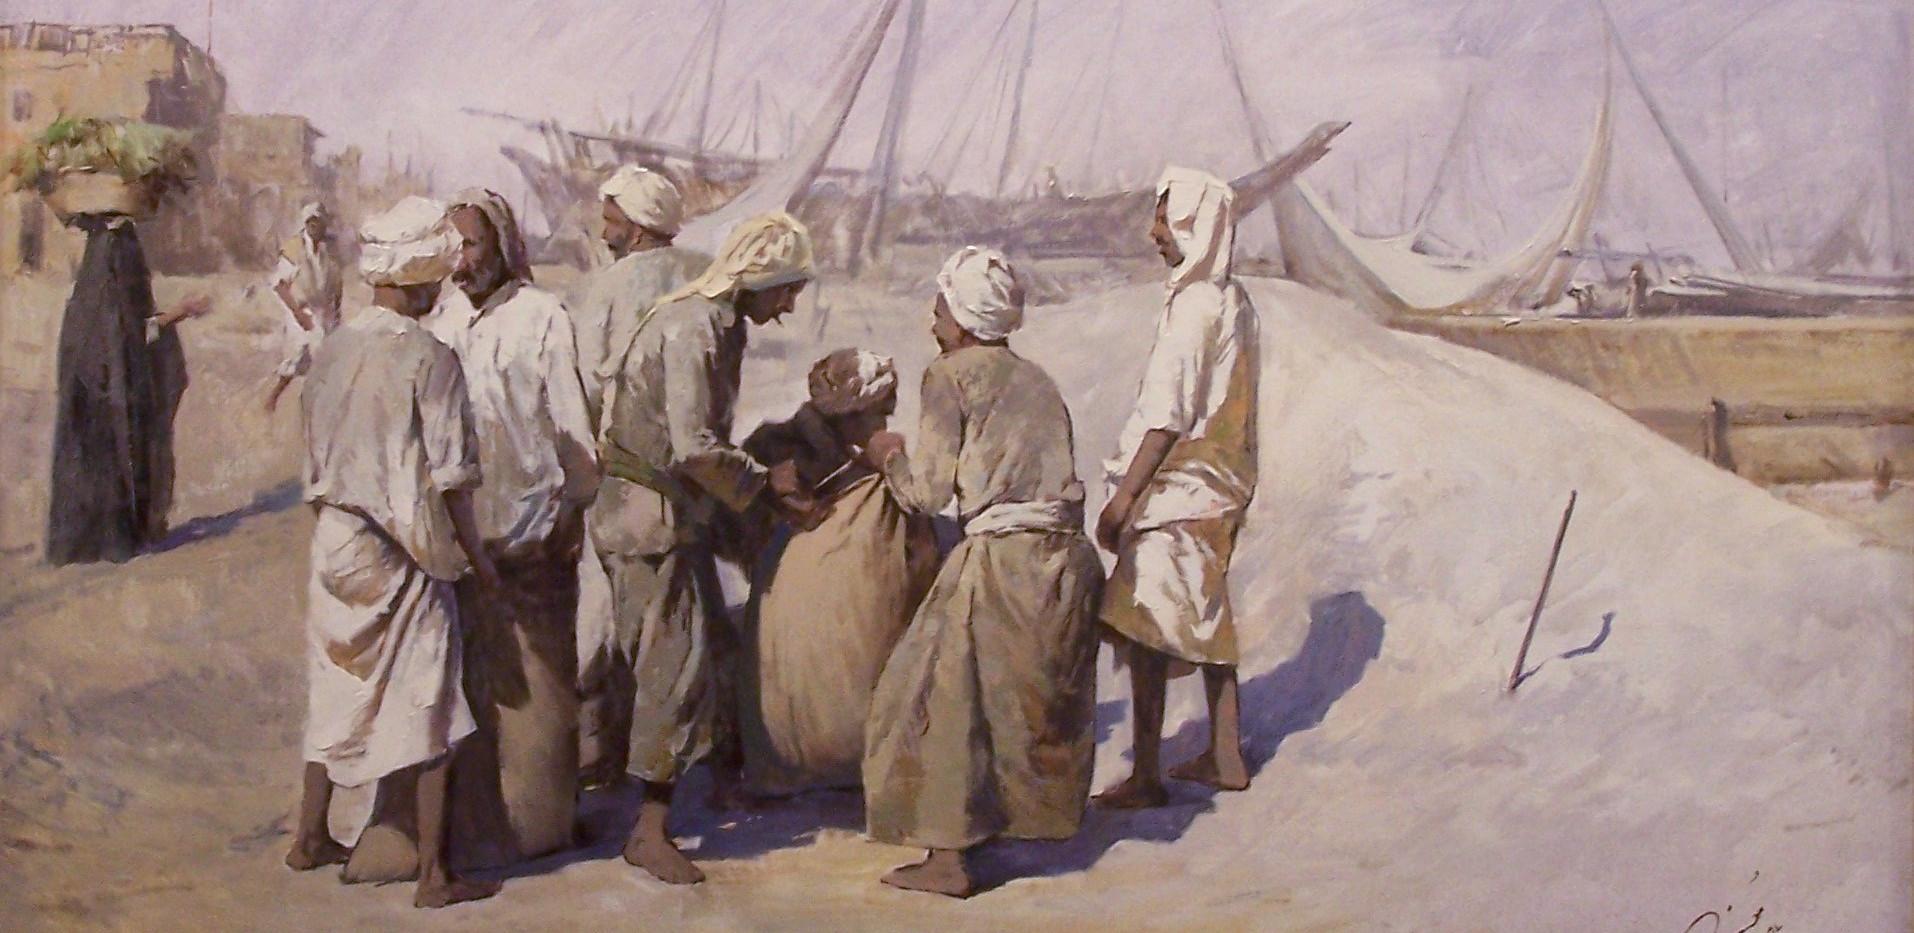 Mohseni Kermanshahi, Harbor Workers